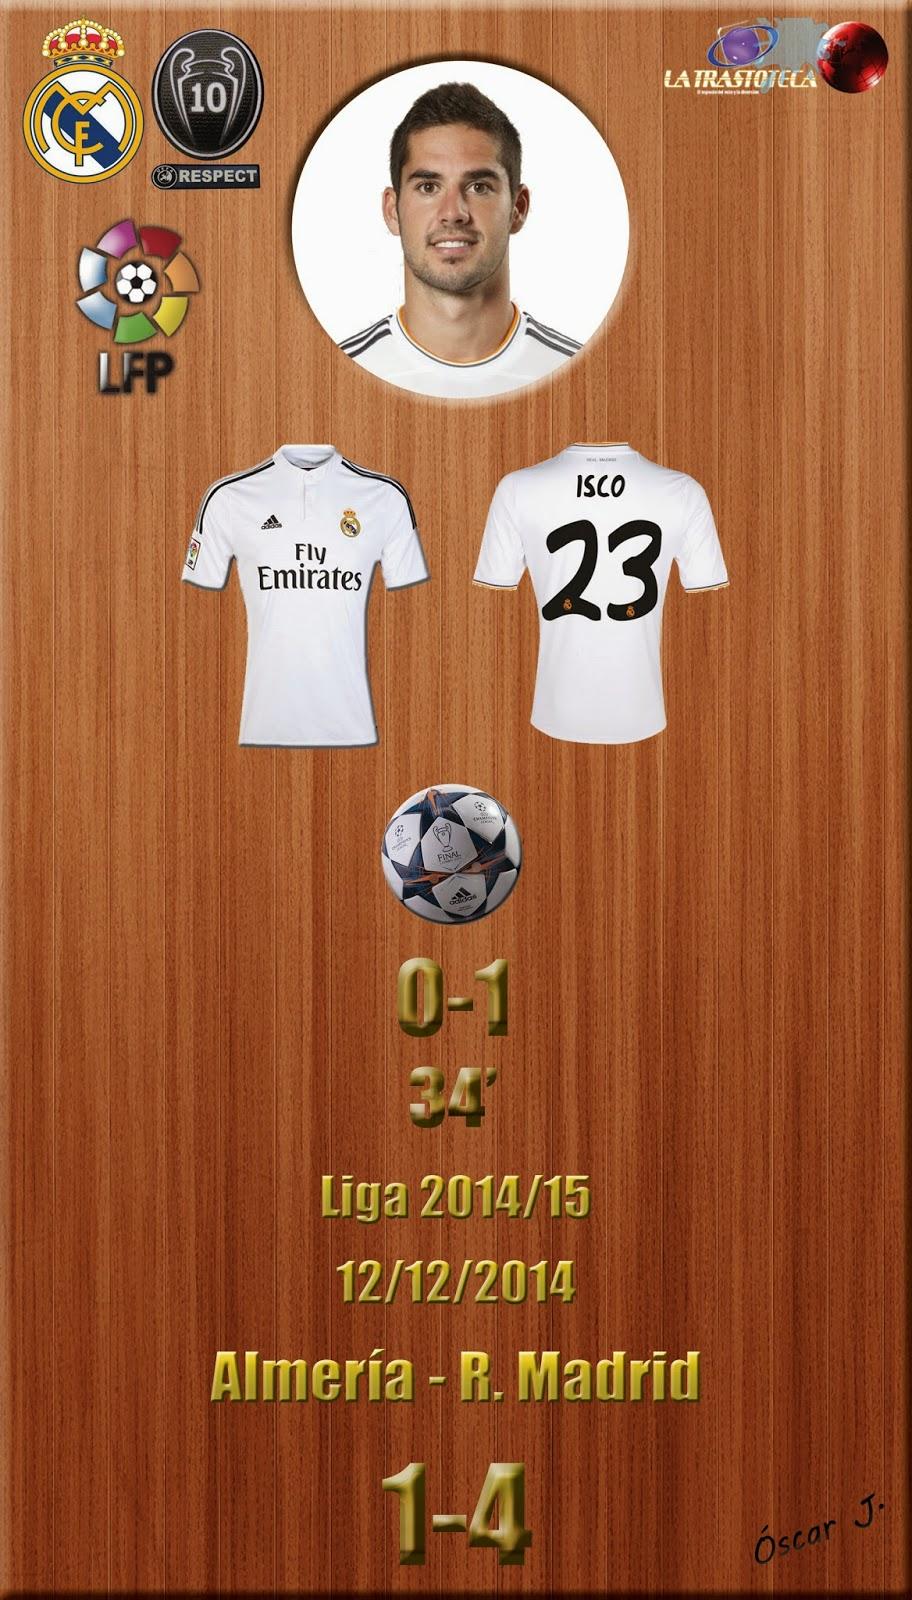 Almería 1-4 Real Madrid - Liga 2014/15 - Jornada 15 - (12/12/2014) - Cristiano Ronaldo consigue otro doblete